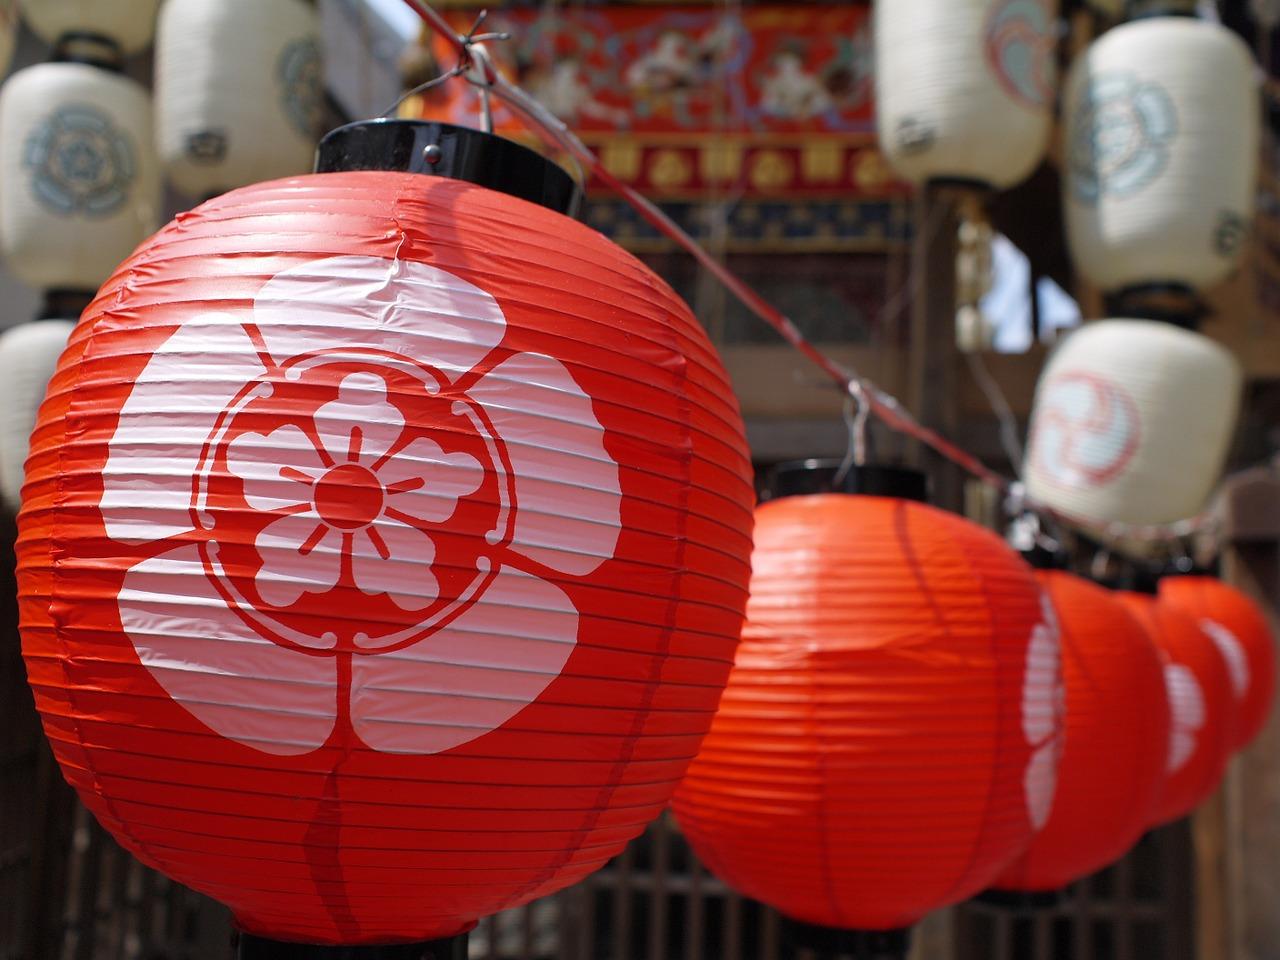 火の国まつり2018を楽しもう!熊本の夏の風物詩のゲストや屋台は?